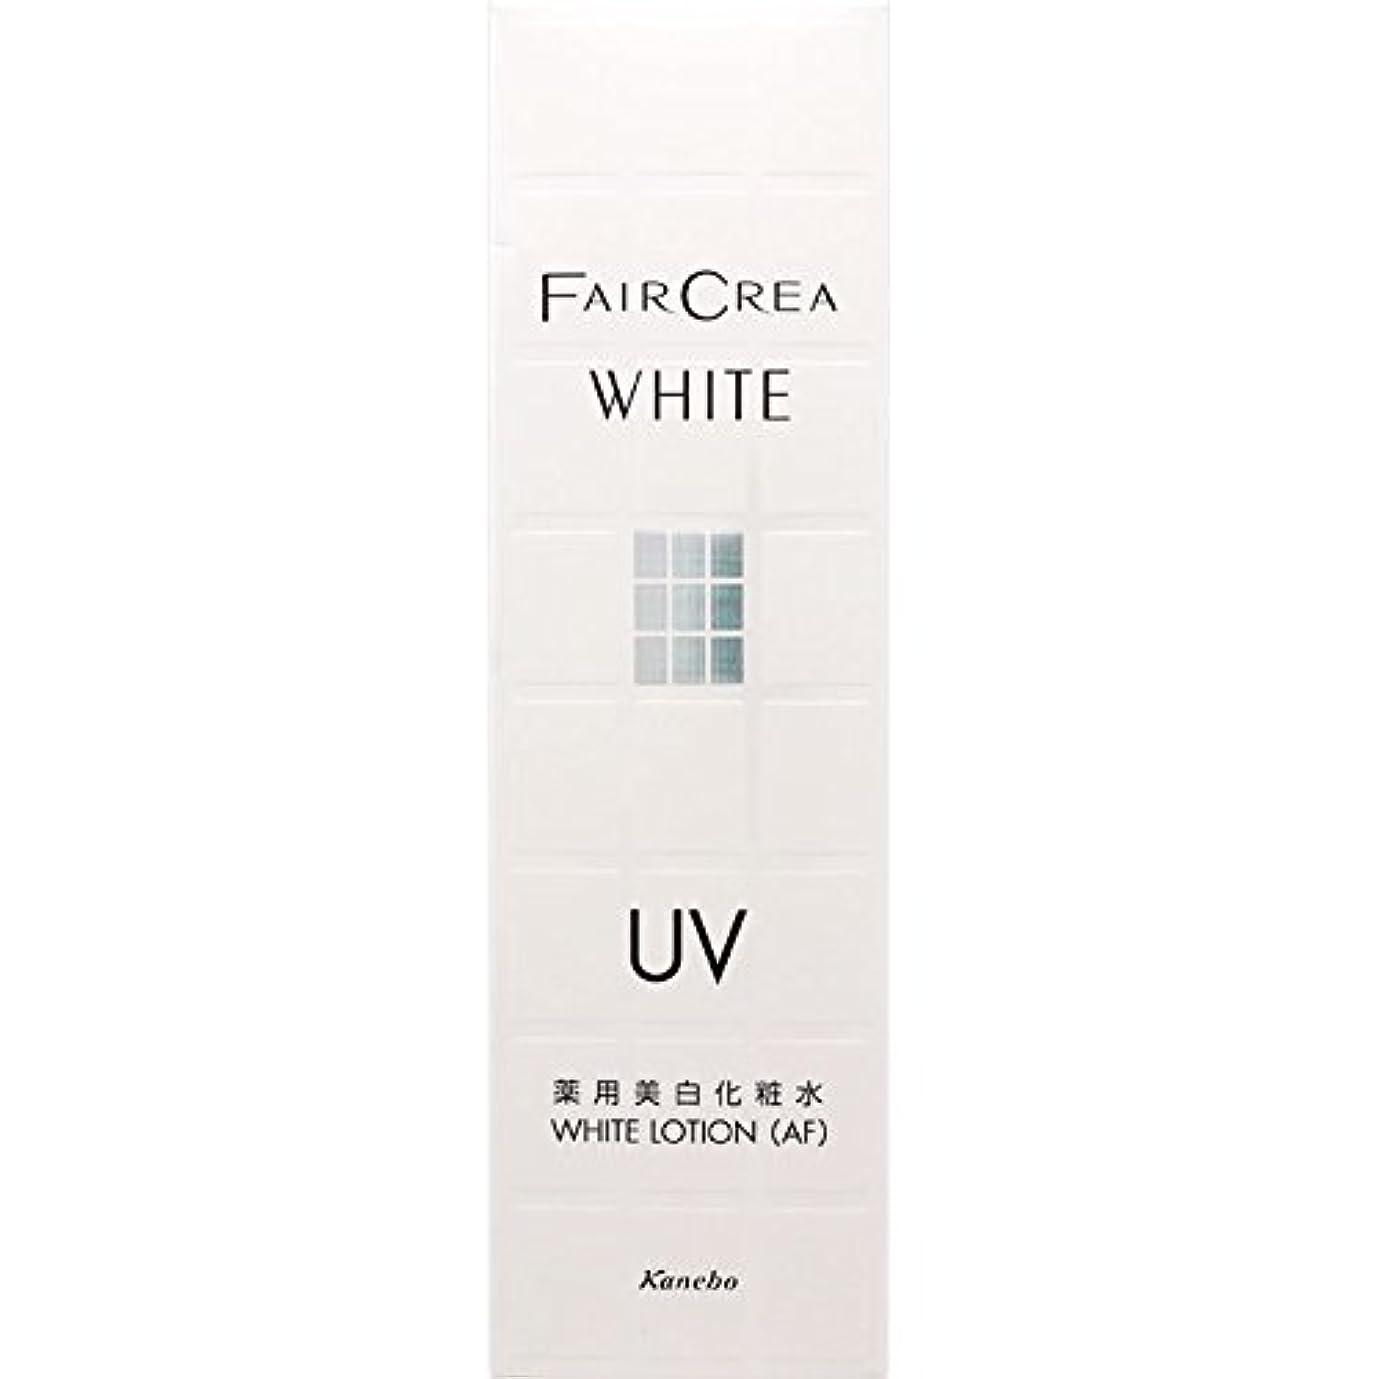 フェアクレア ホワイトローション (AF) 150ml <27121>